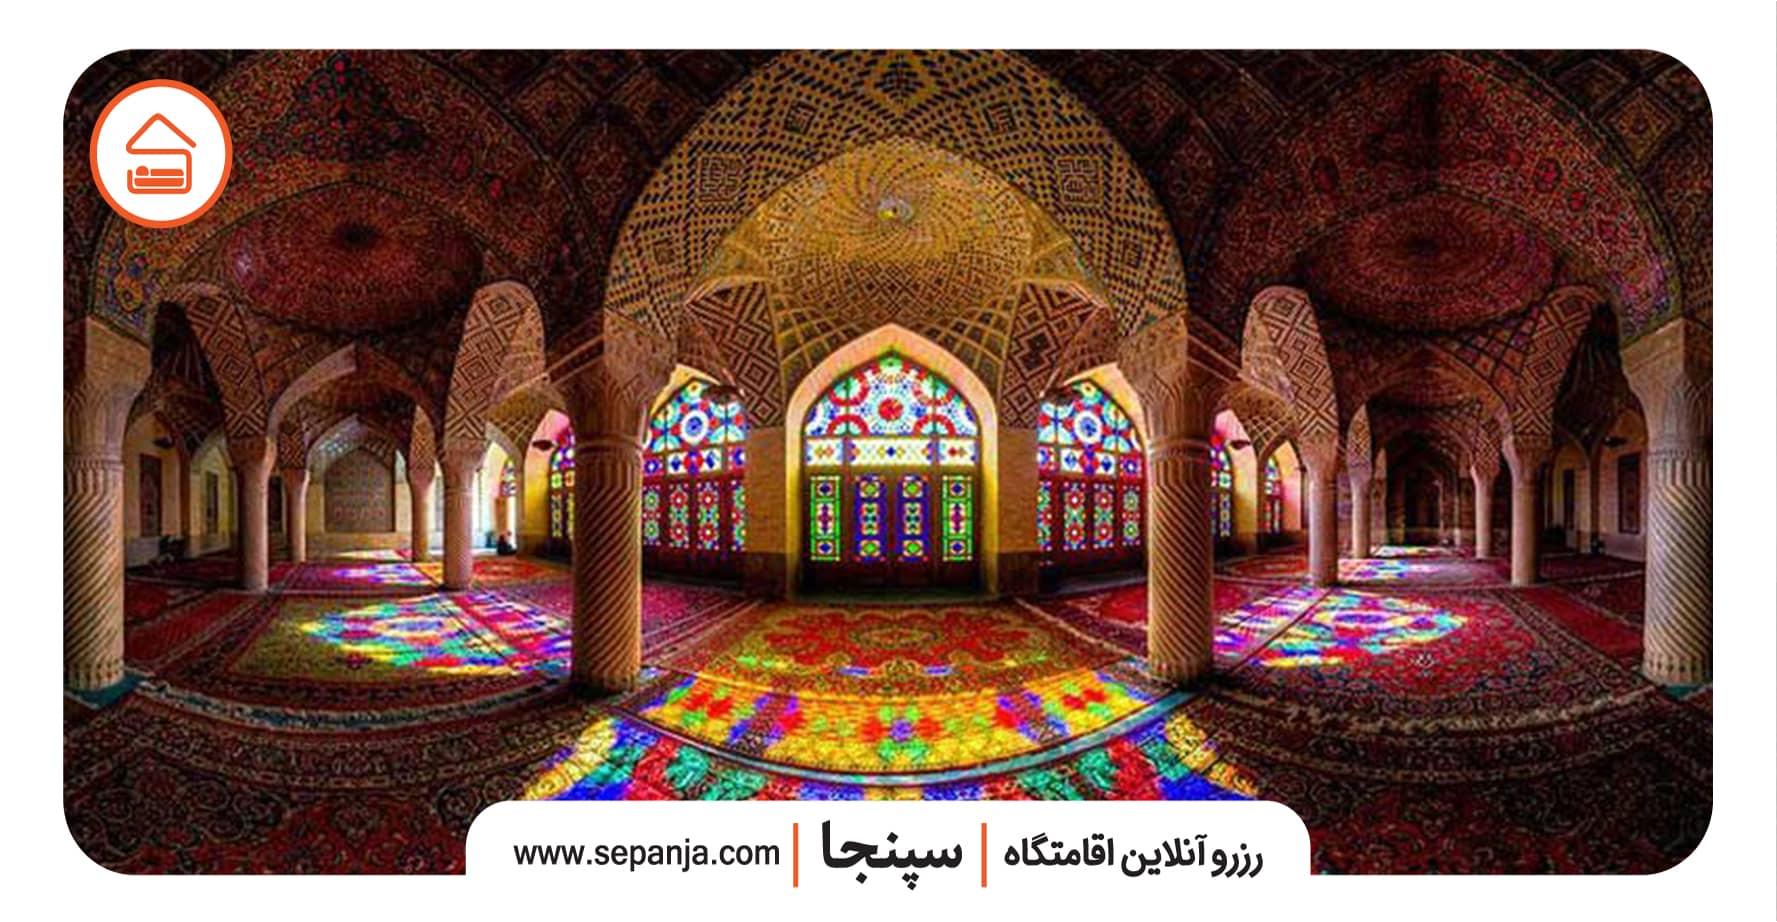 نمایی از جاهای دیدنی مسجد نصیرالملک شیراز